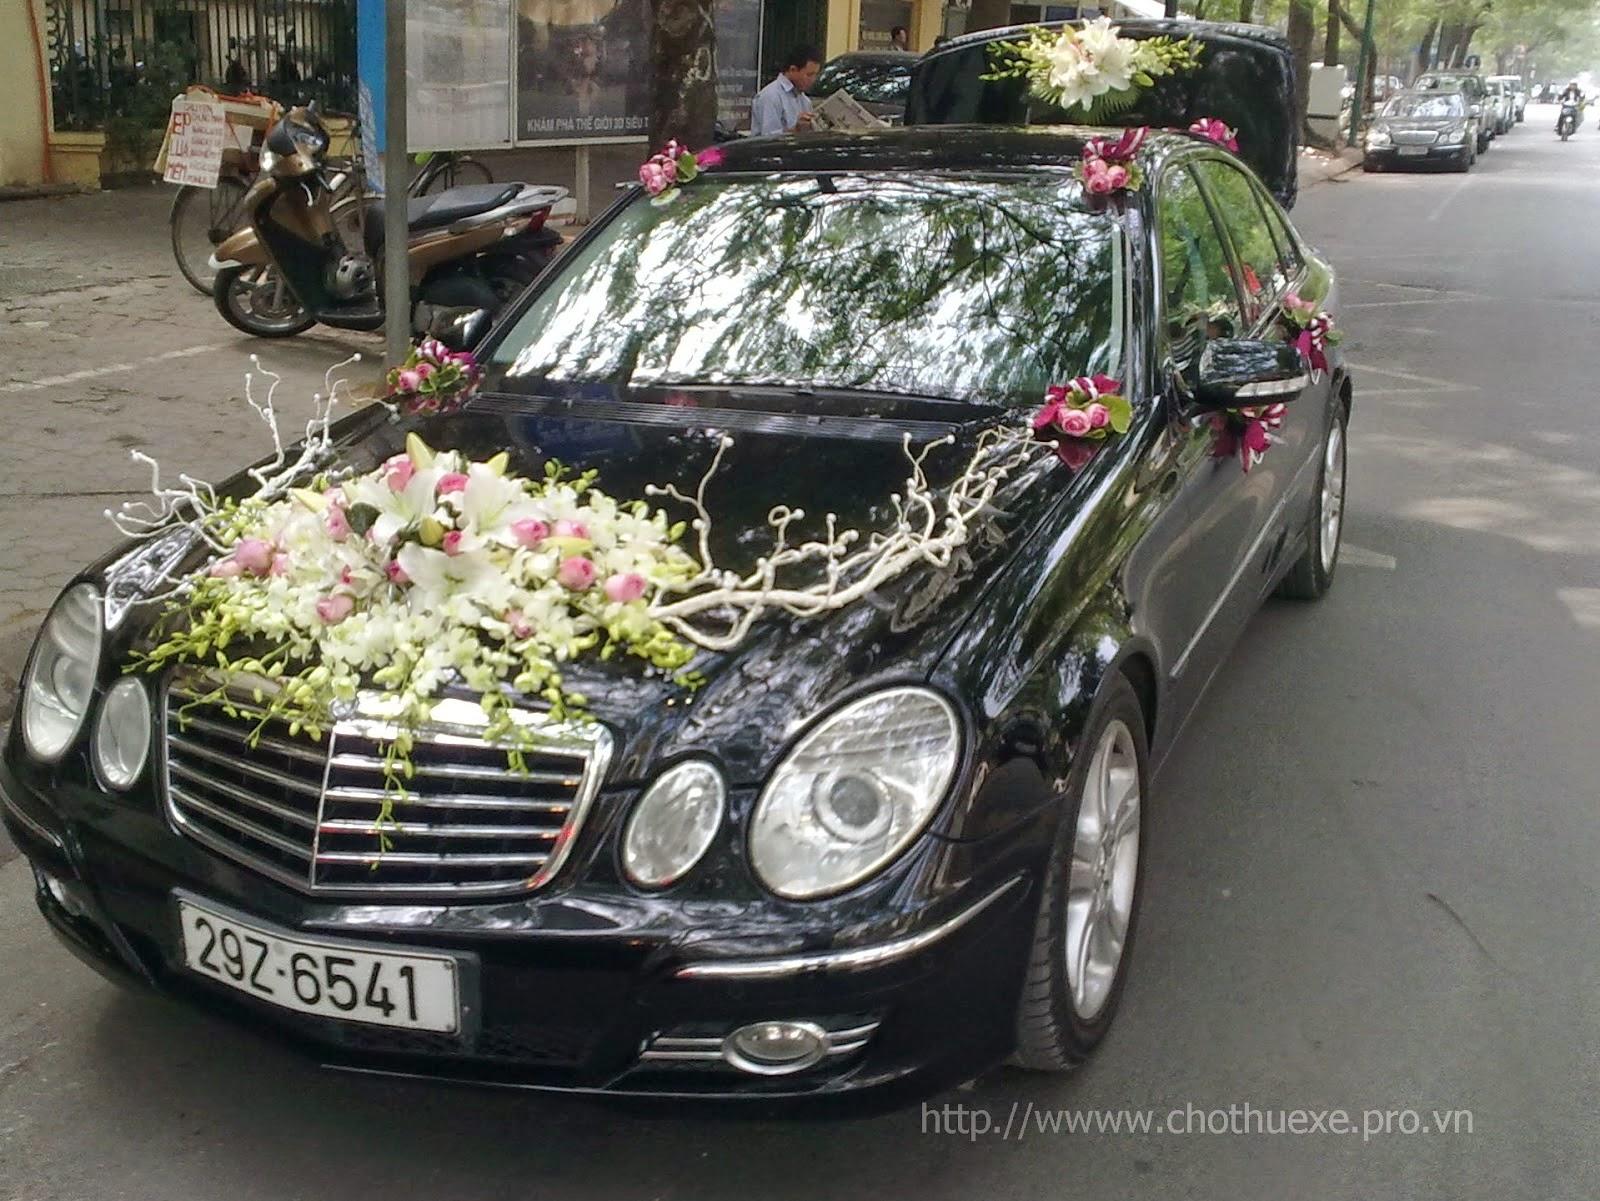 Cho thuê xe cưới Mecerdes E200 giá rẻ duy nhất tại Hà Nội